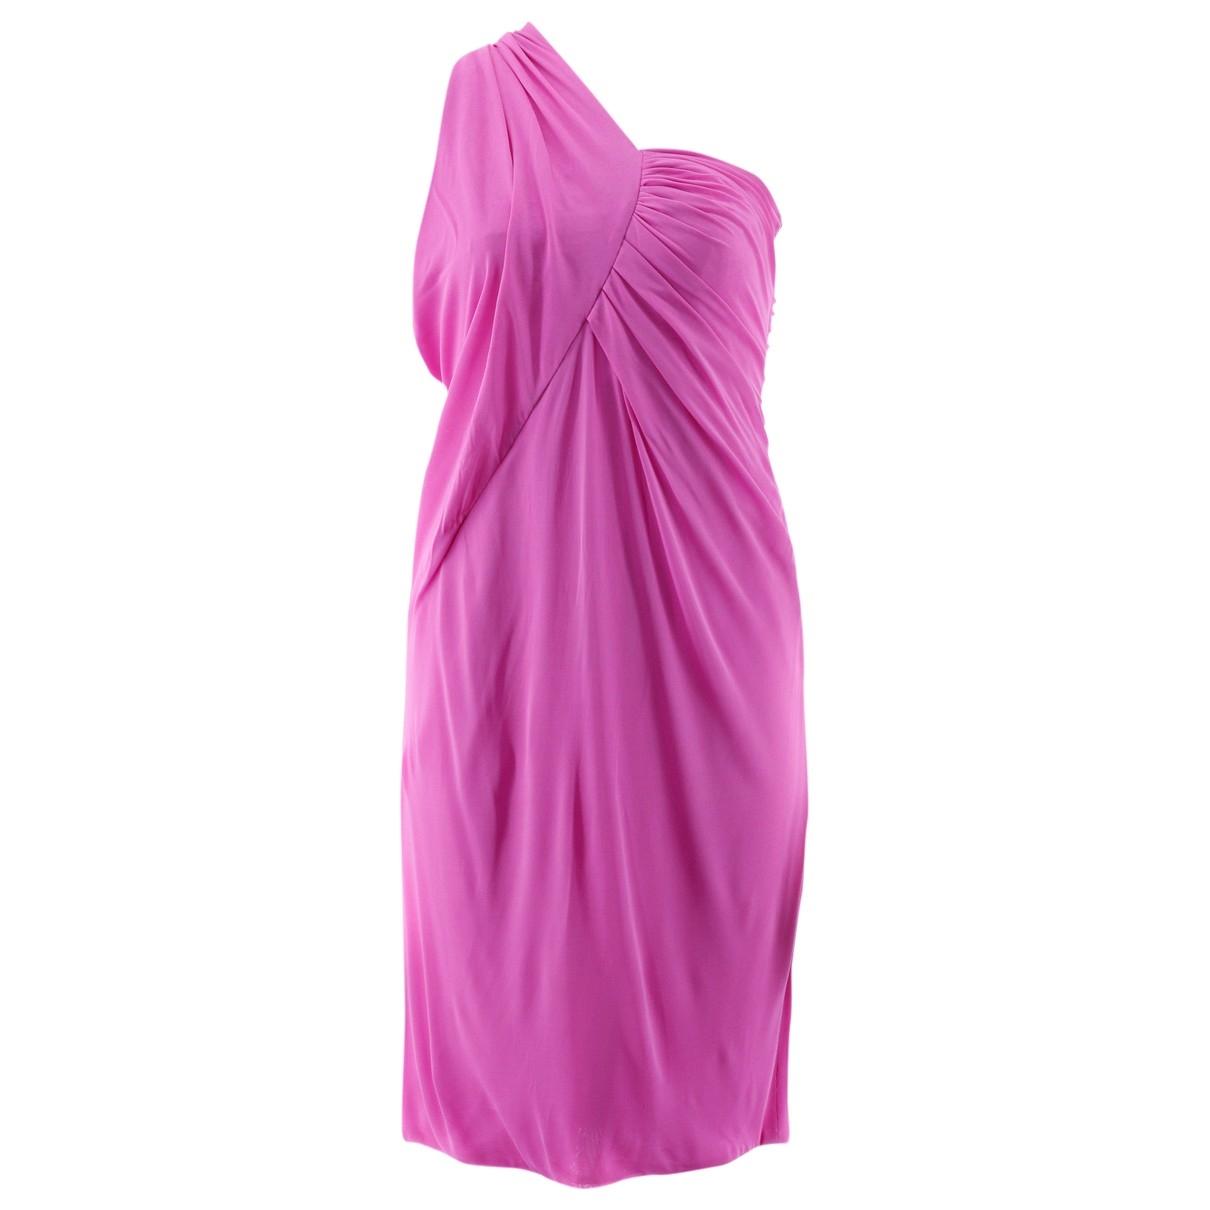 Versace \N Pink dress for Women 42 IT